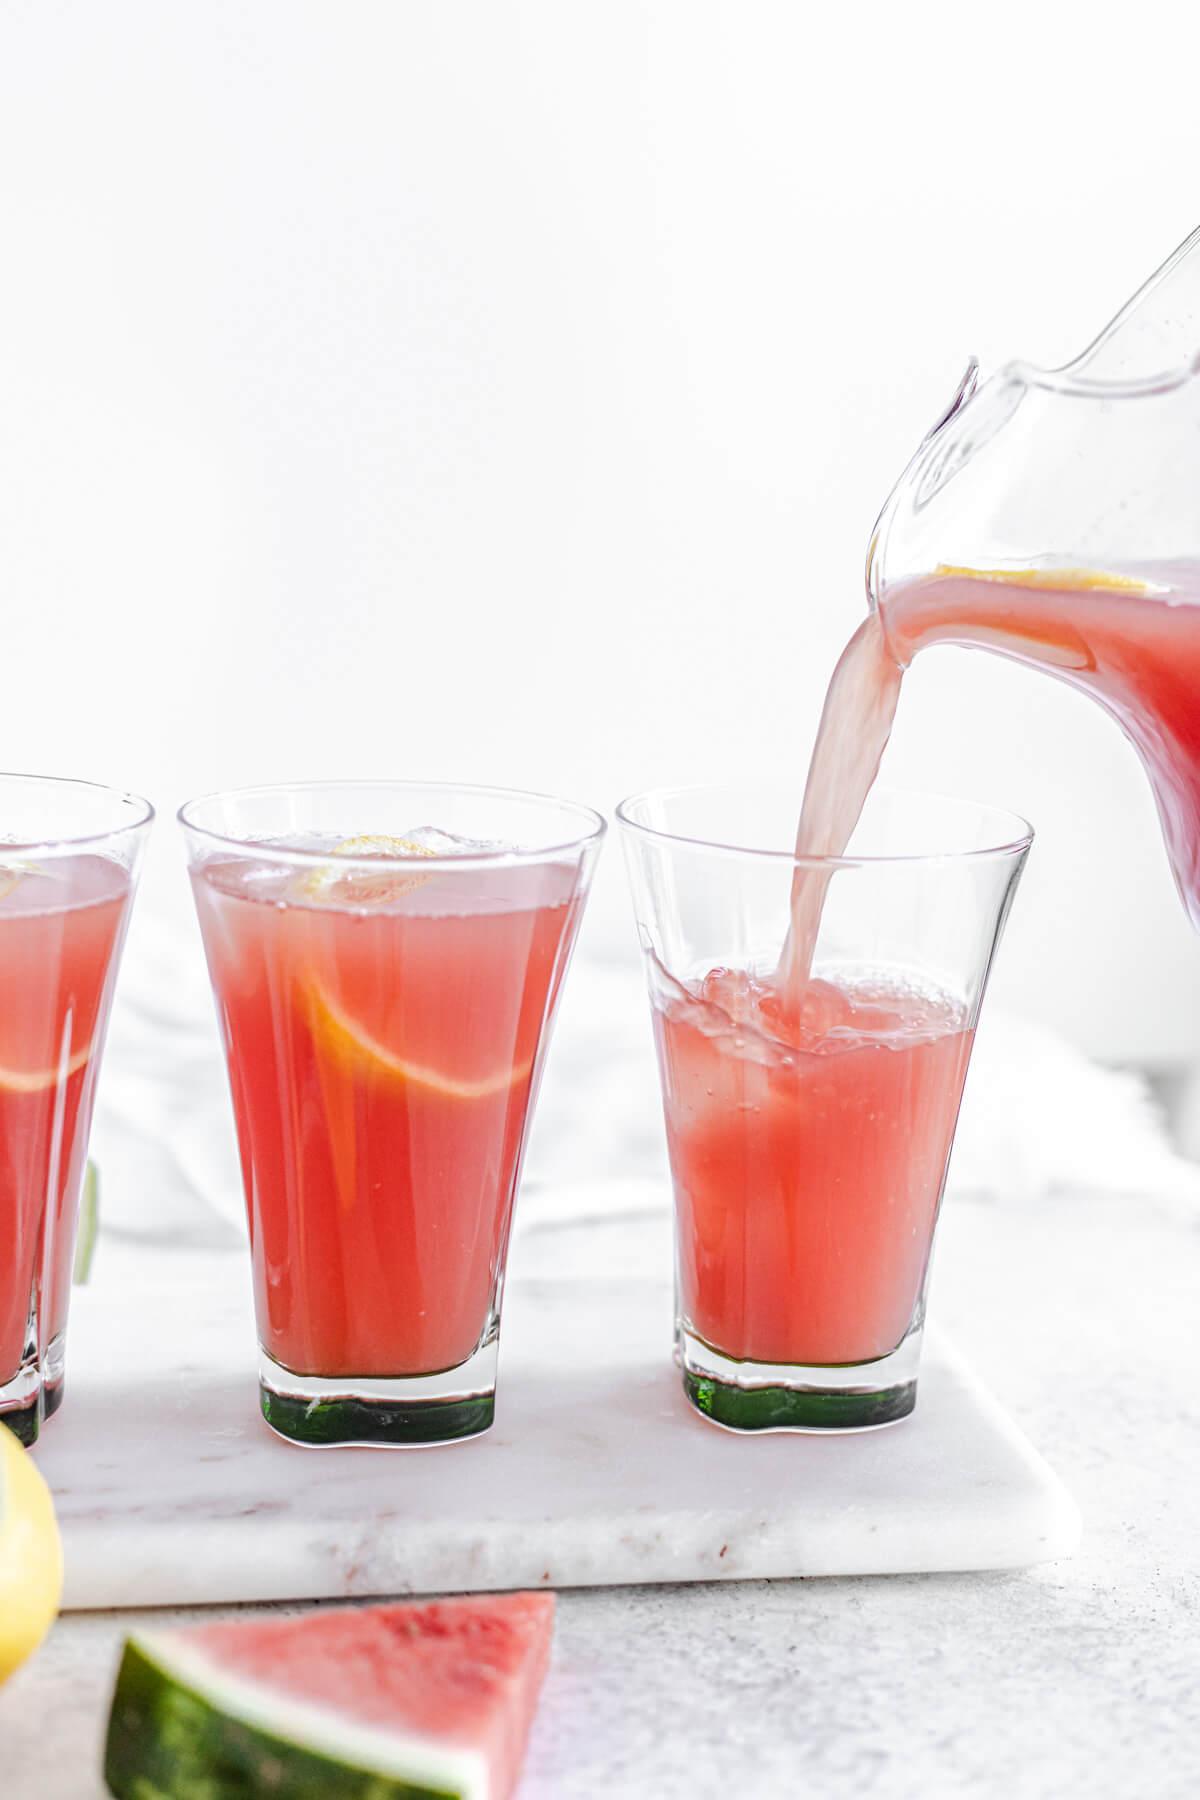 pouring lemonade into glass